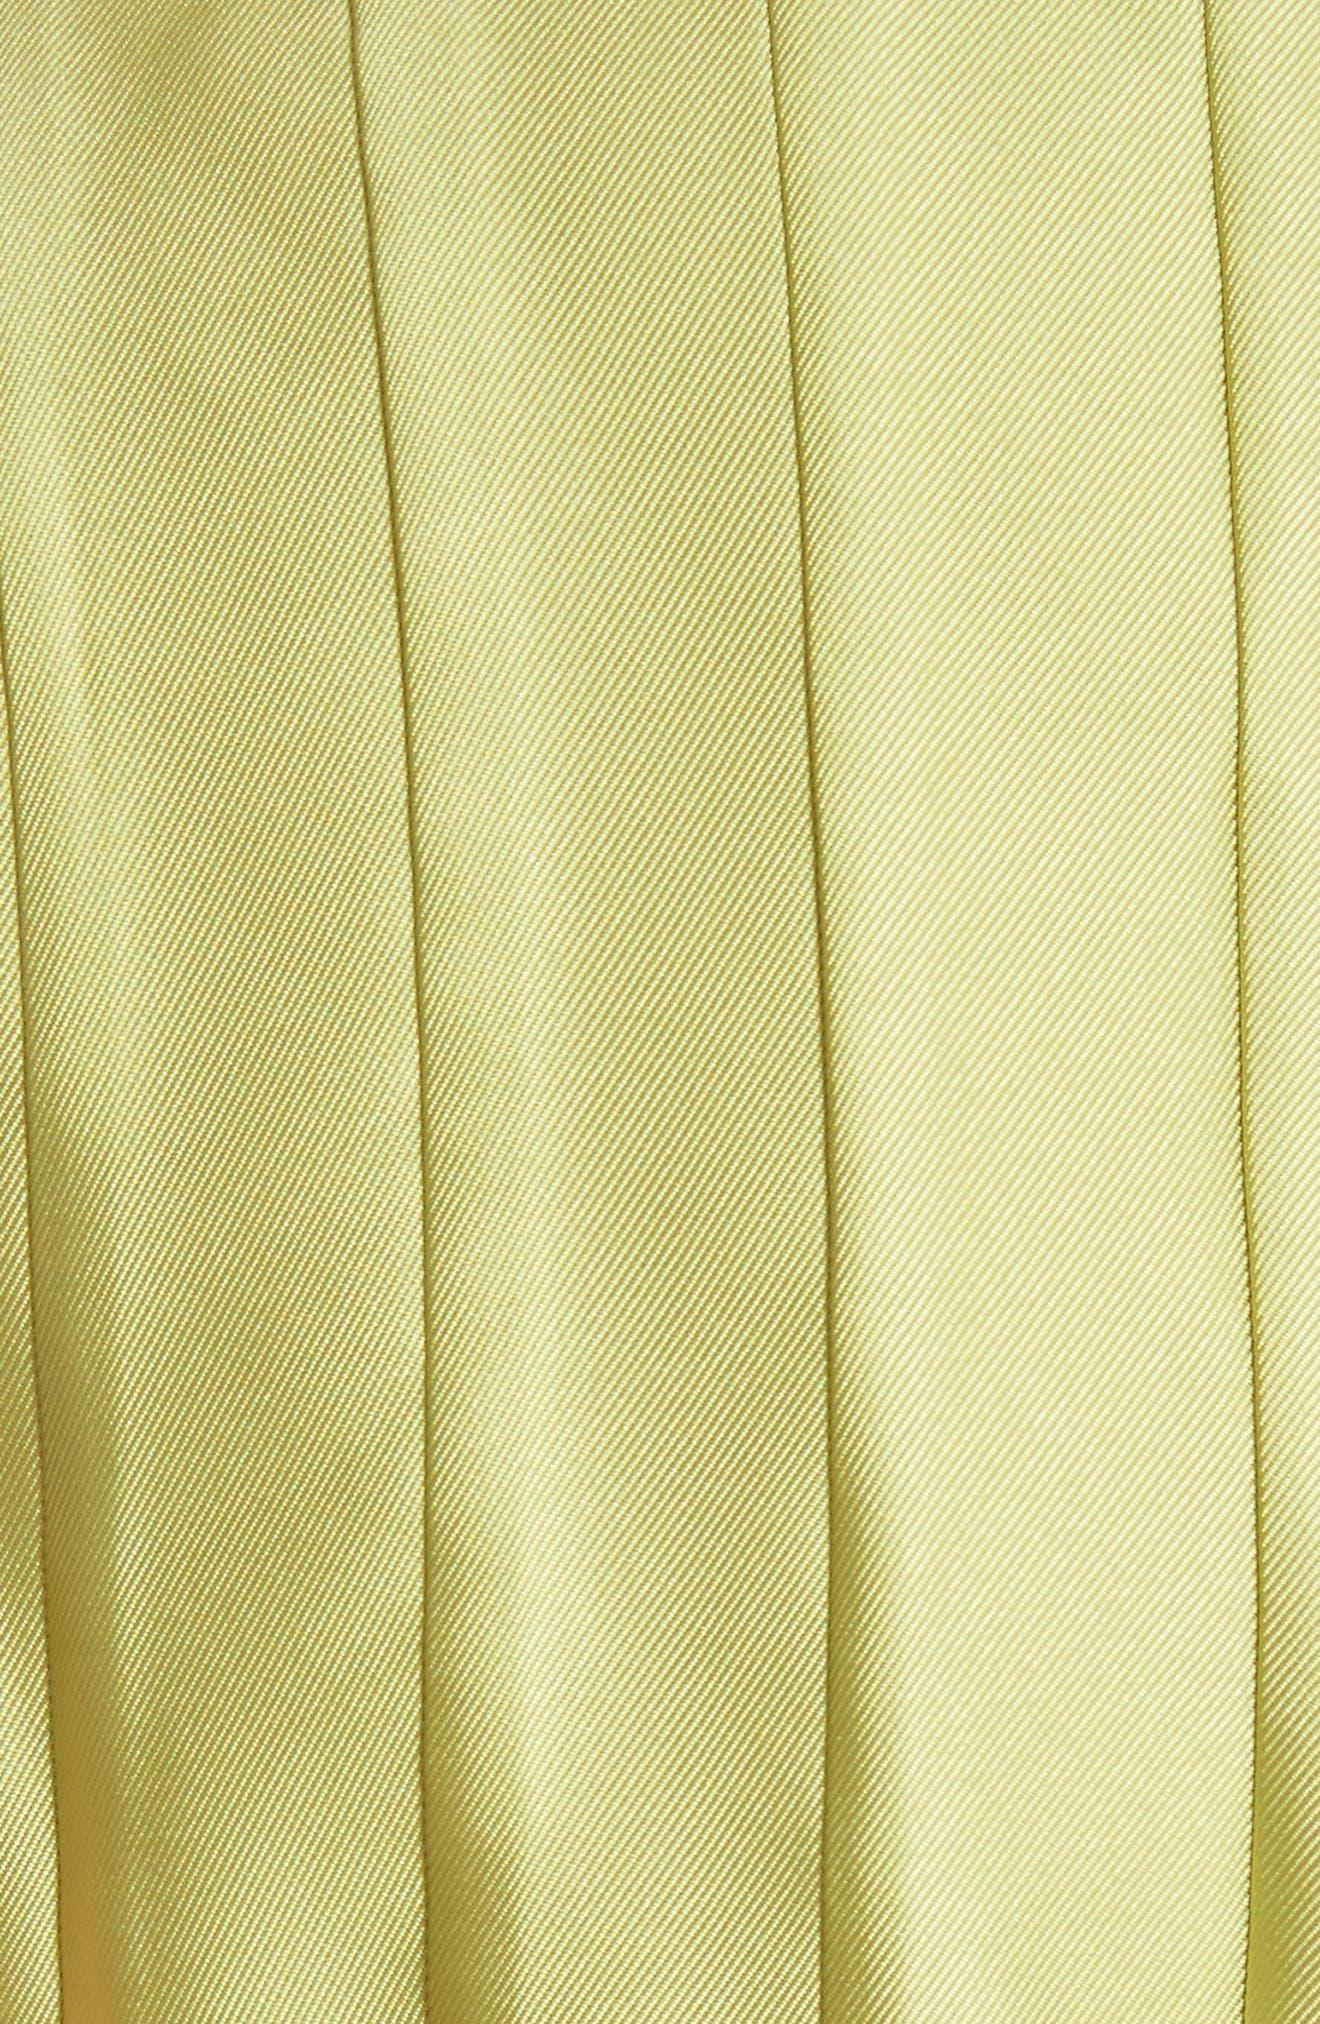 Bow Neck Skater Dress,                             Alternate thumbnail 9, color,